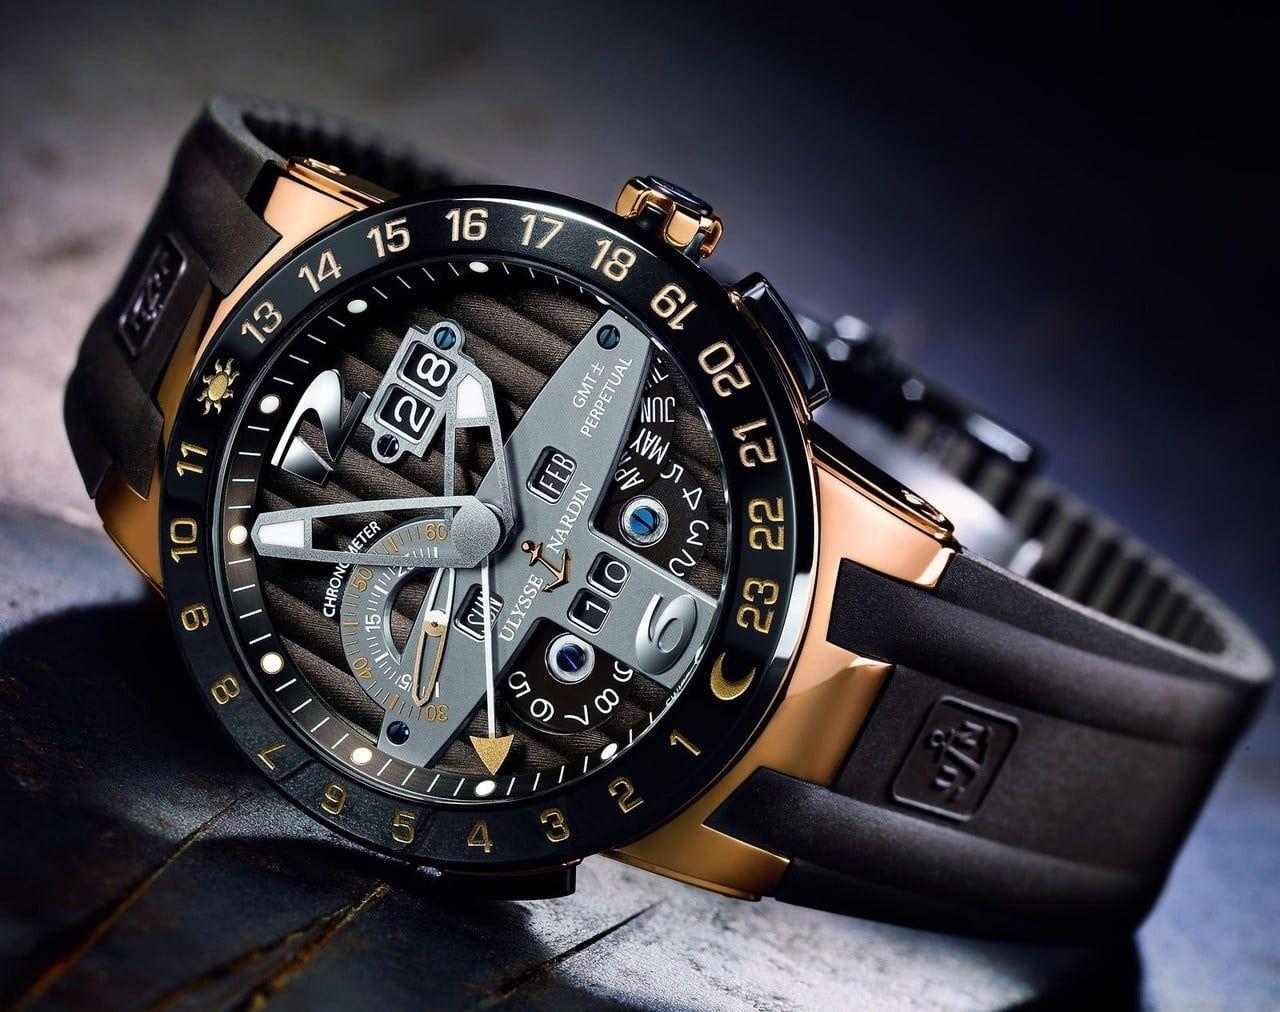 ffc7b94c15b0 Где купить копии часов по выгодной цене? - Техника - Статьи